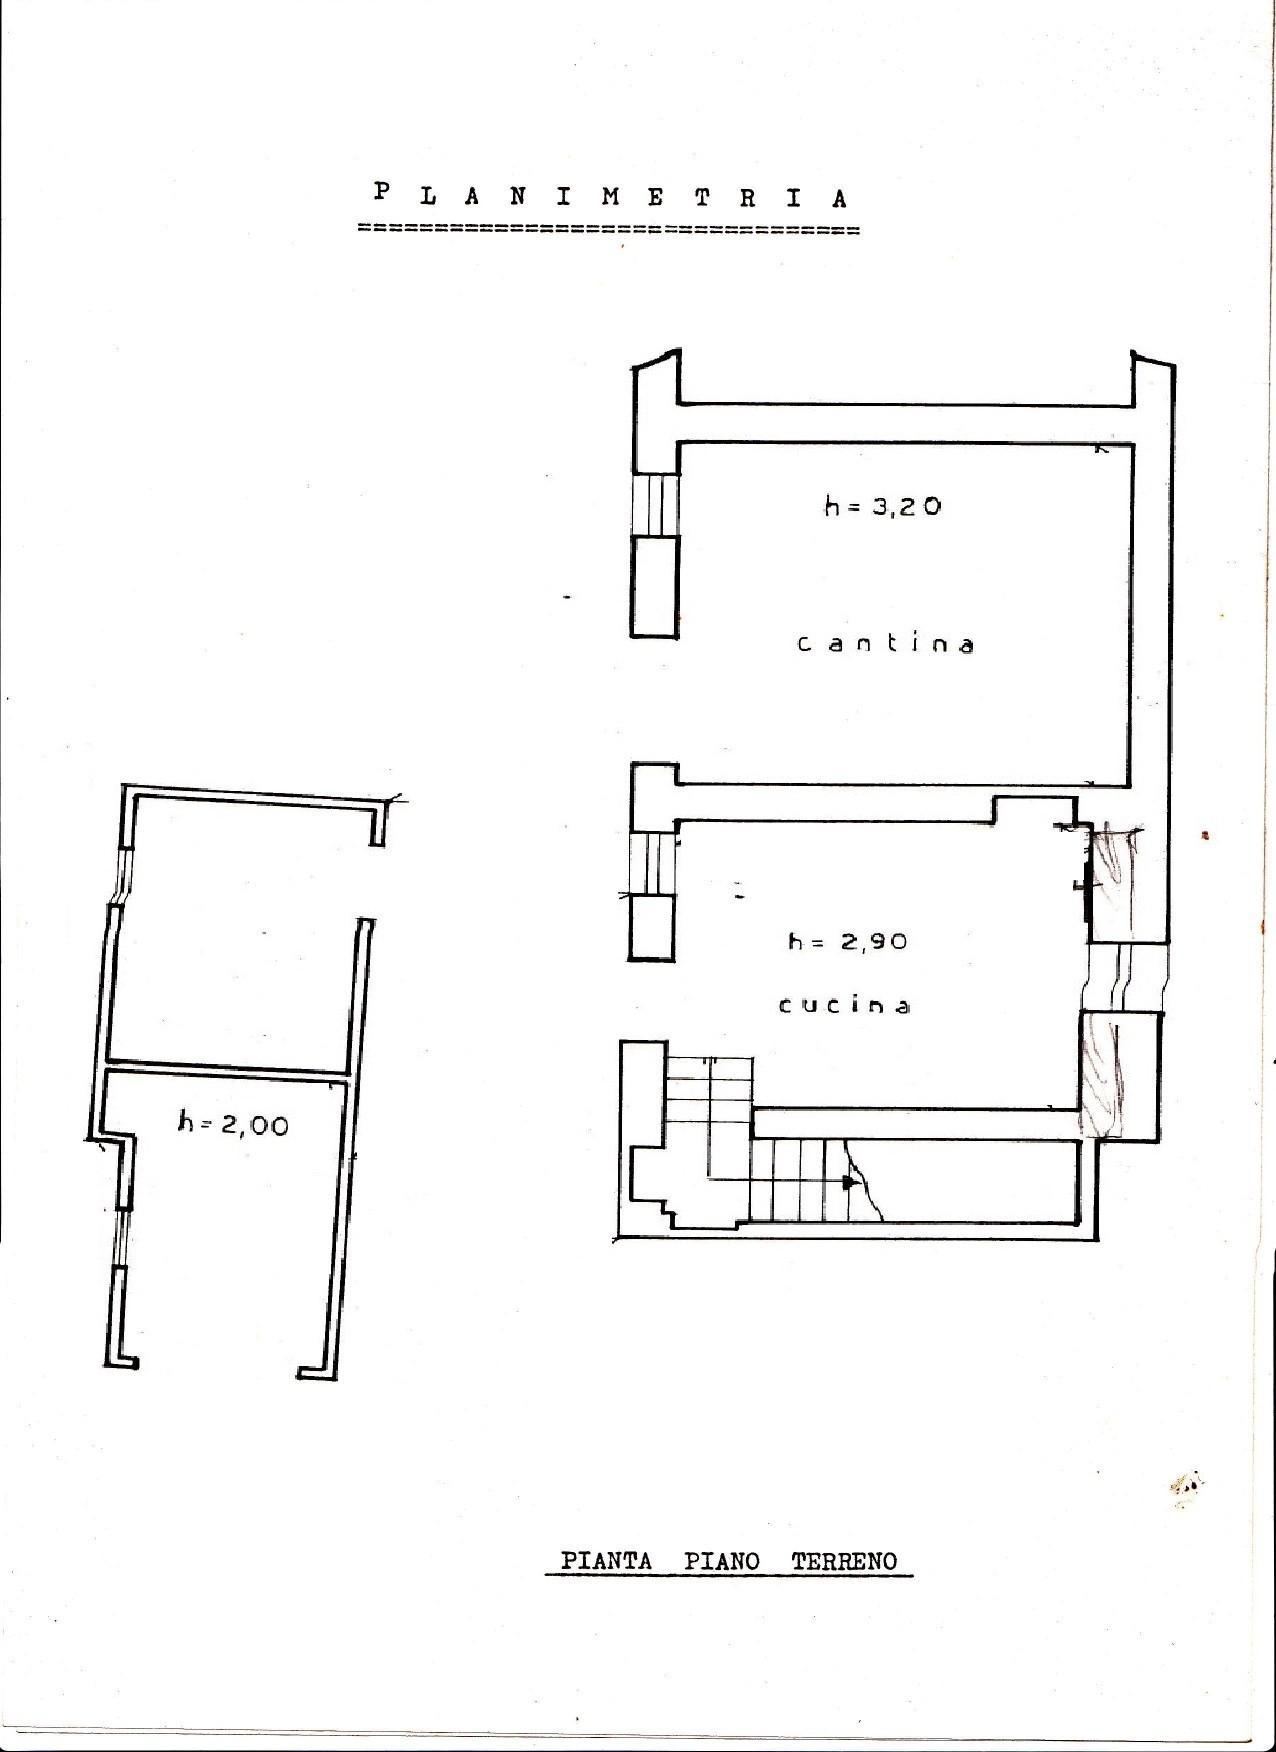 Appartamento in vendita, rif. 411-e